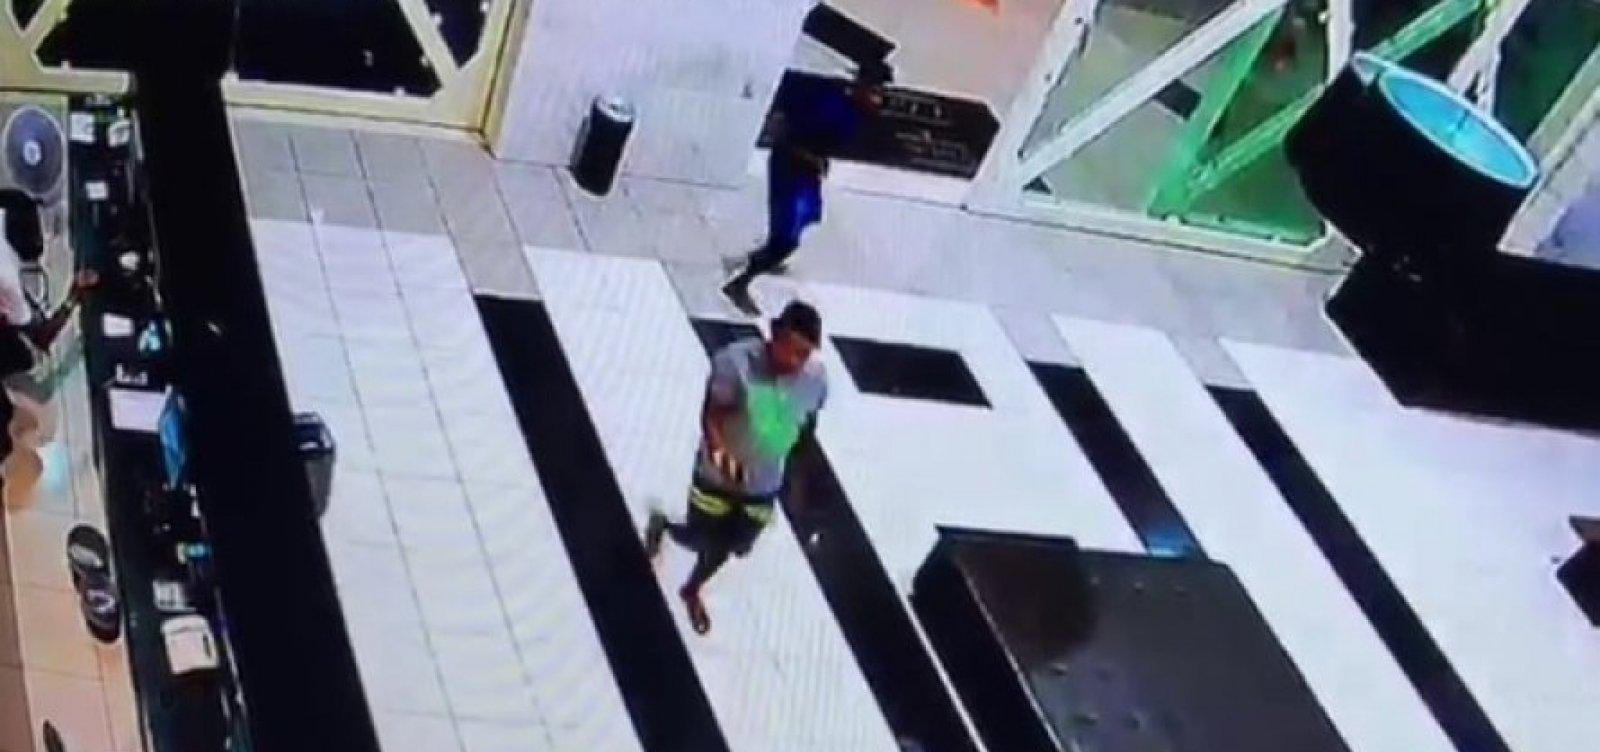 [Jovem é preso e menor apreendido por atirar turista durante assalto em flat]